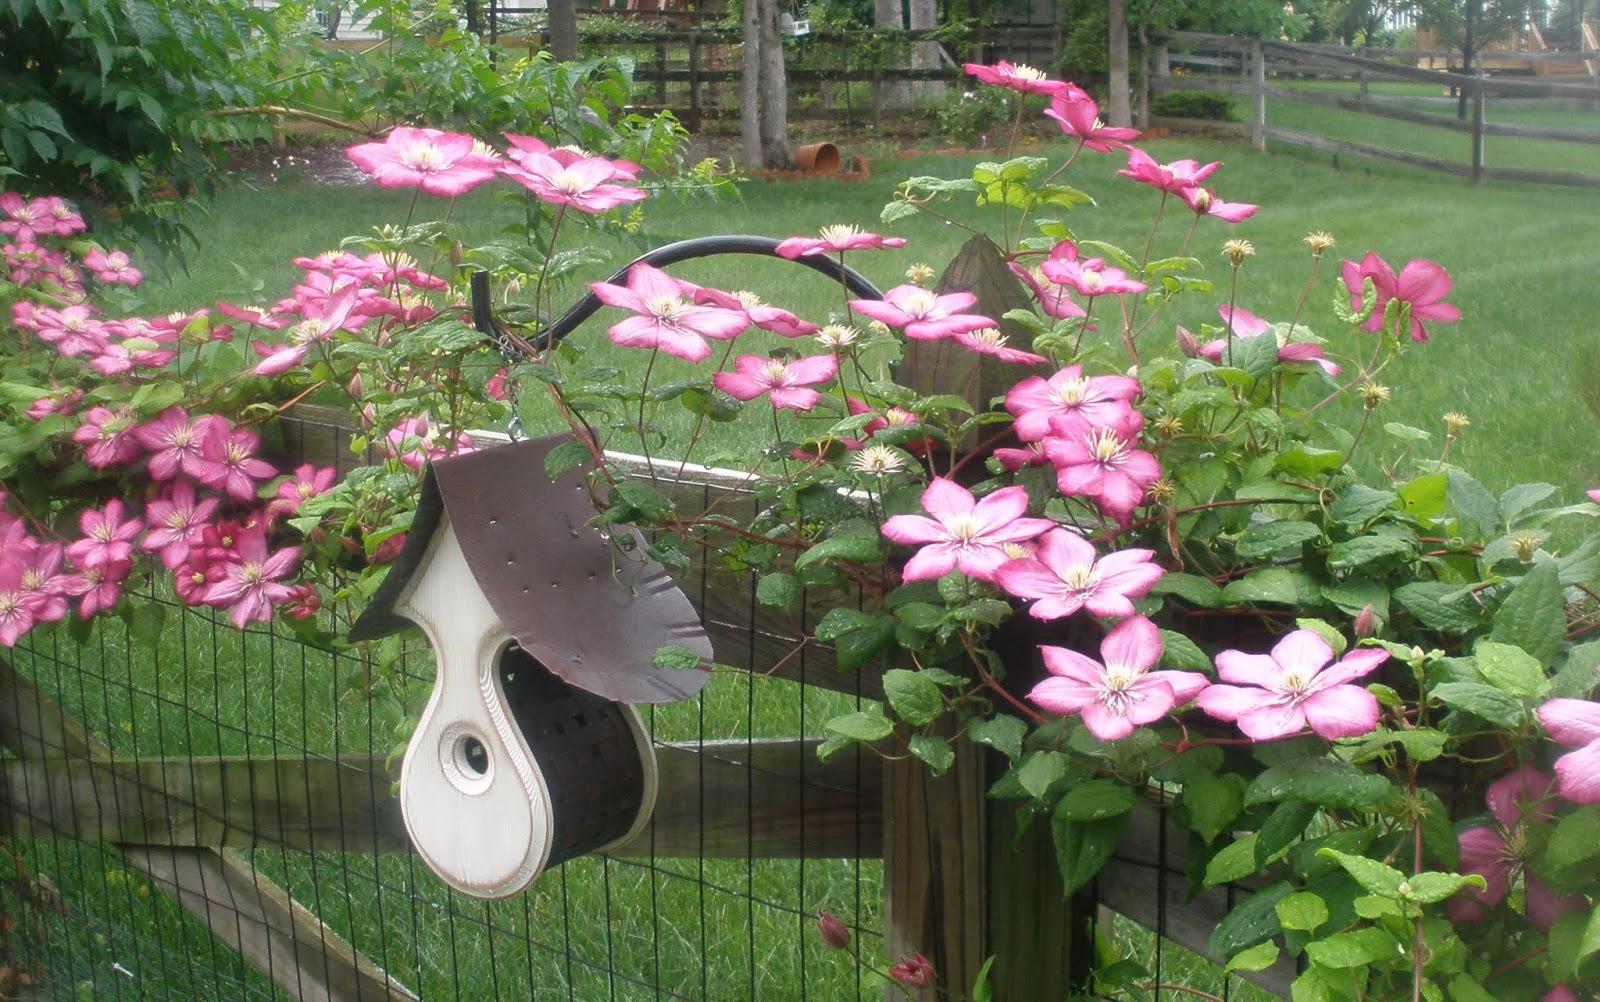 Casa mariposa the rain garden redesign for Redesign my garden